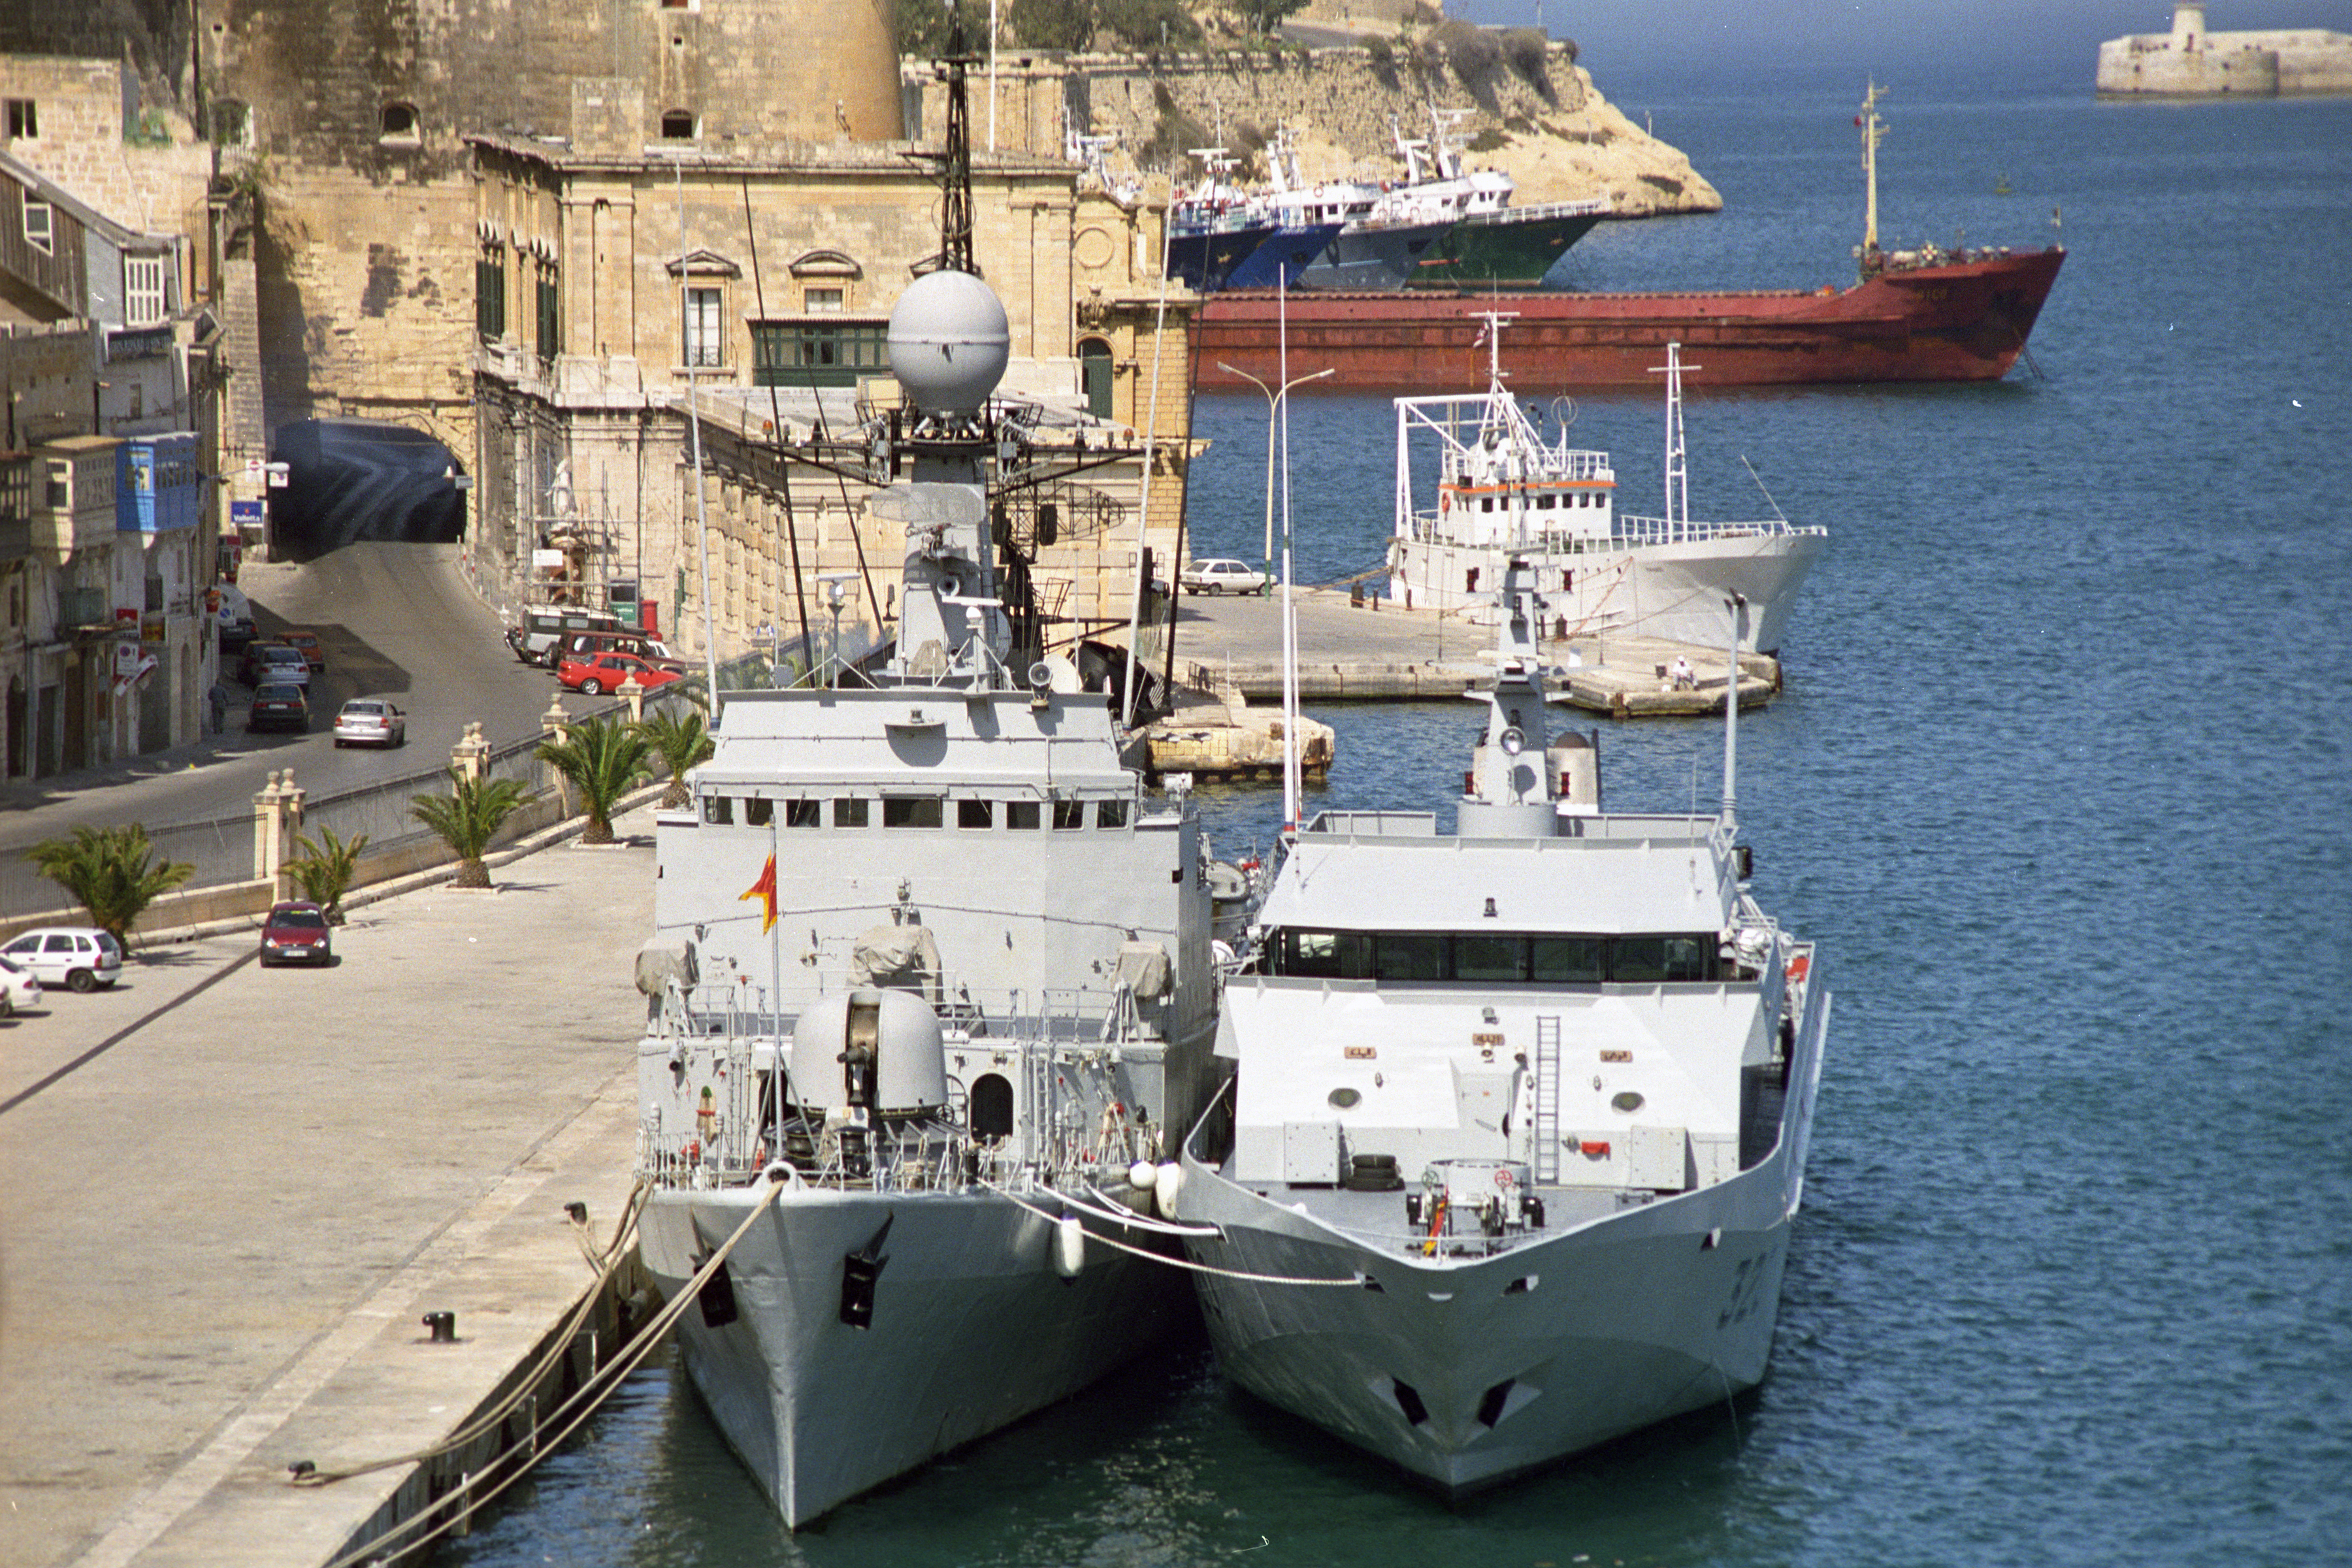 Royal Moroccan Navy Descubierta Frigate / Patrouilleur Océanique Lt Cl Errahmani - Bâtiment École - Page 3 24685087910_50e5c839d8_o